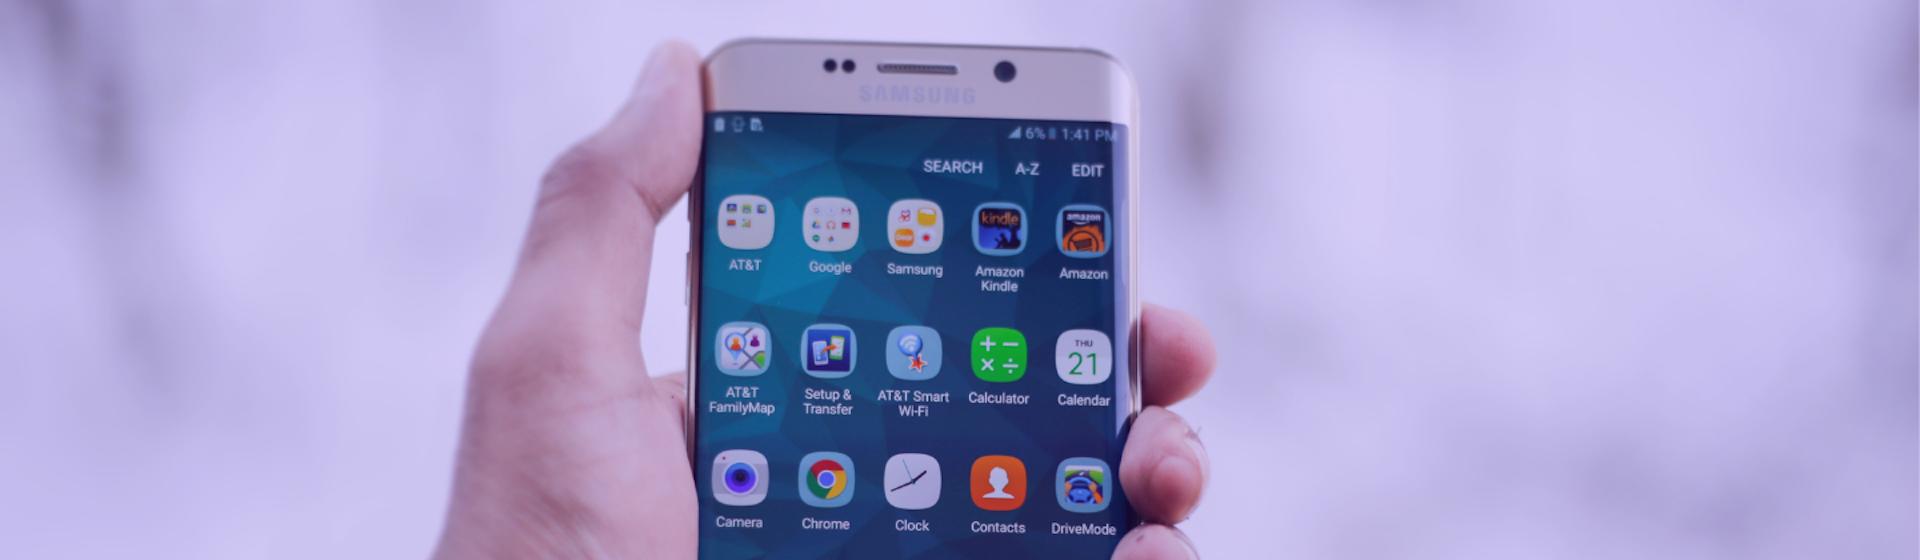 App Marketing: Tácticas para que tu app logre más descargas